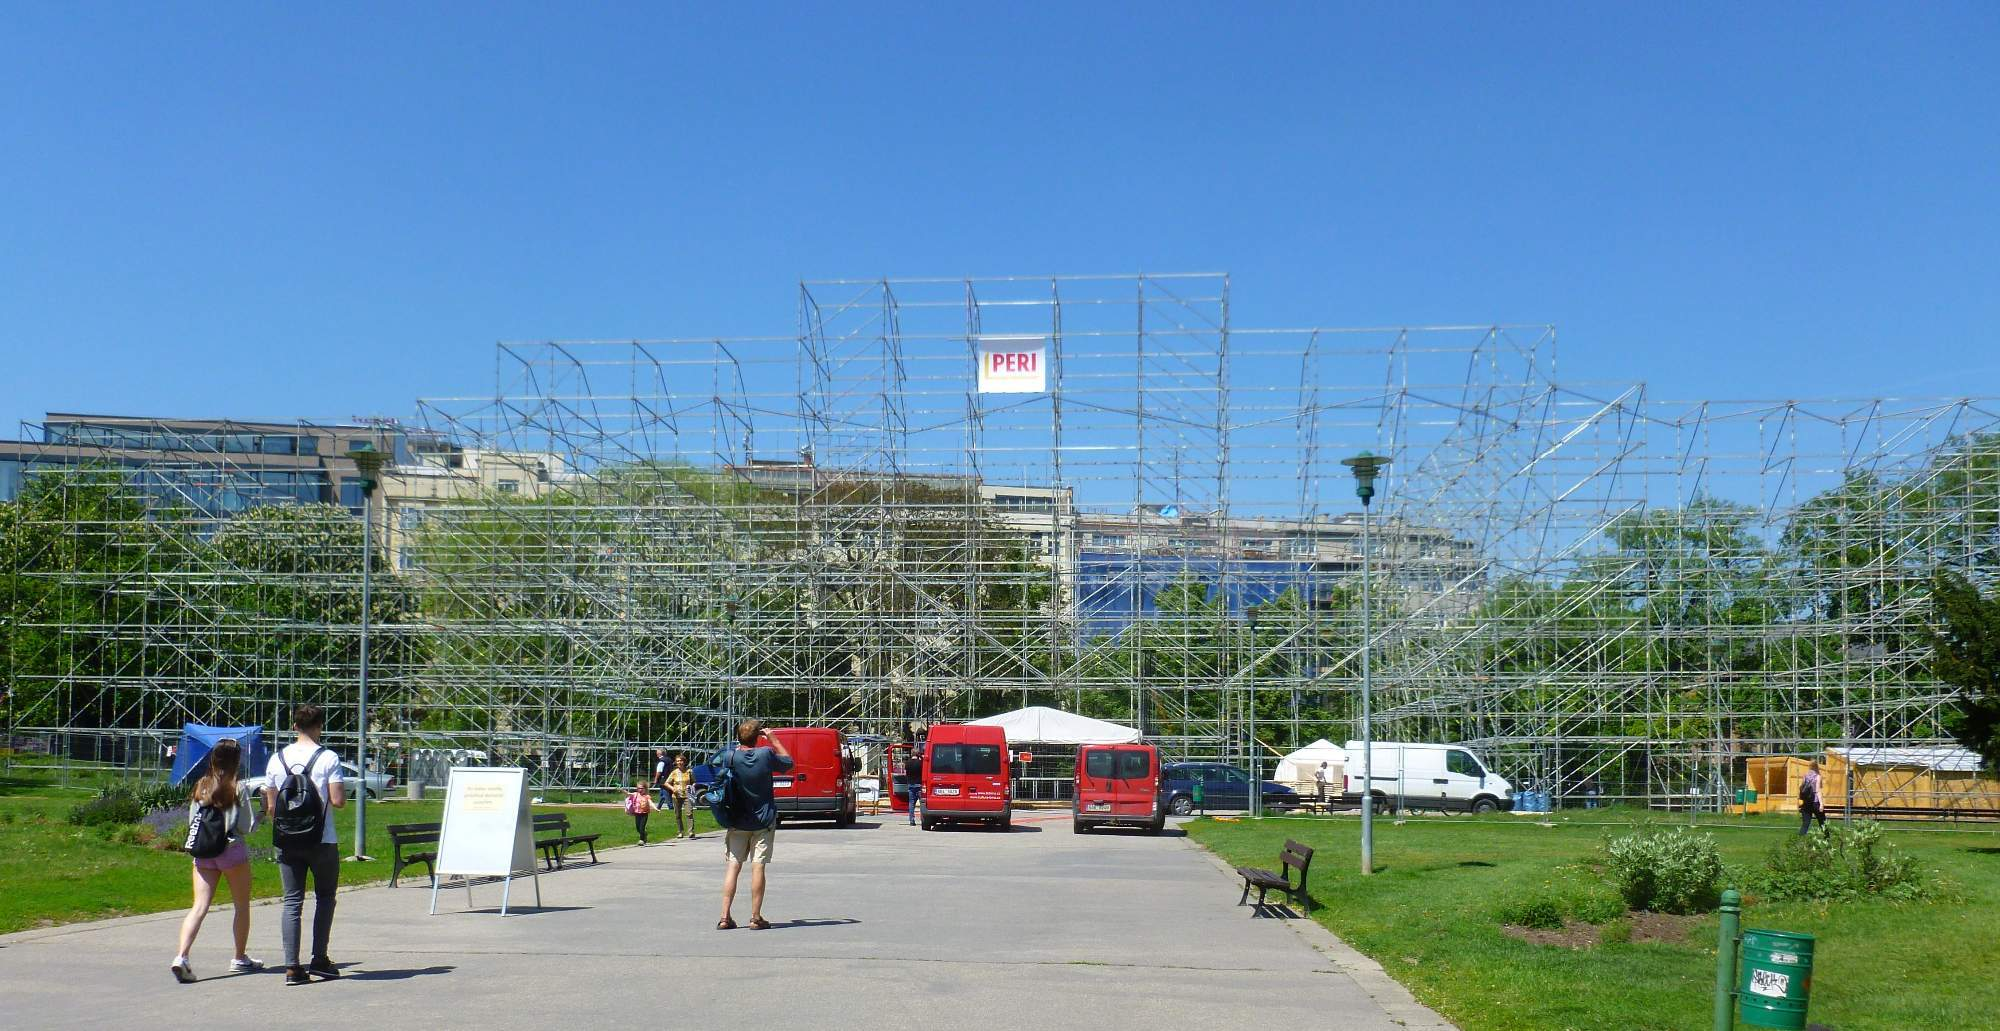 Konstrukce postavená pro účely festivalu na Moravském náměstí. / Foto: Kristýna Hortvíková